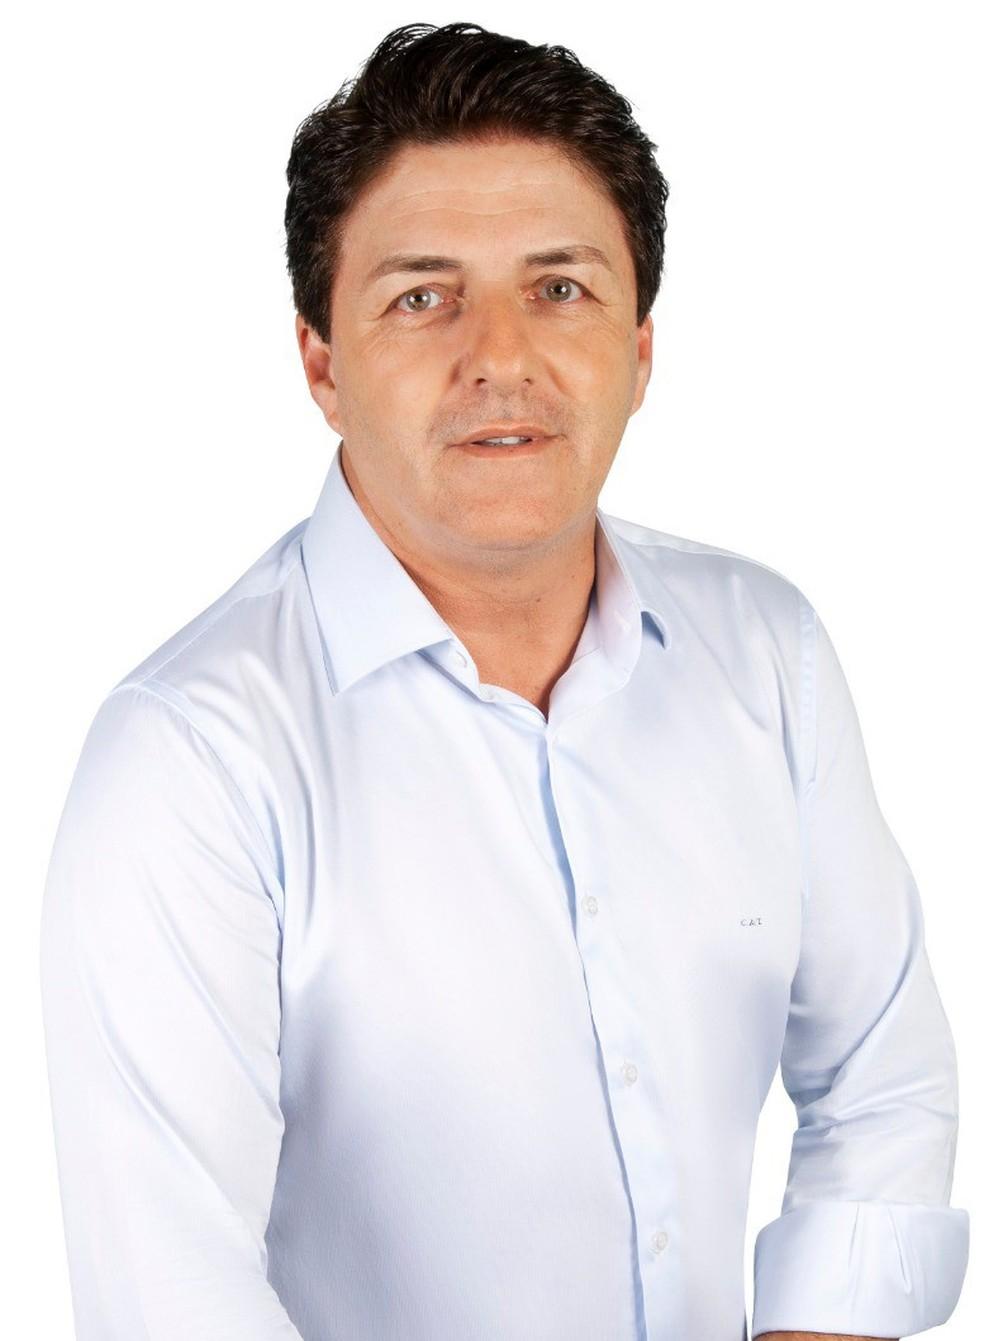 Carlos Alberto Taino Junior é eleito para a Prefeitura de Biritiba Mirim pelo PL — Foto: PL/Divulgação